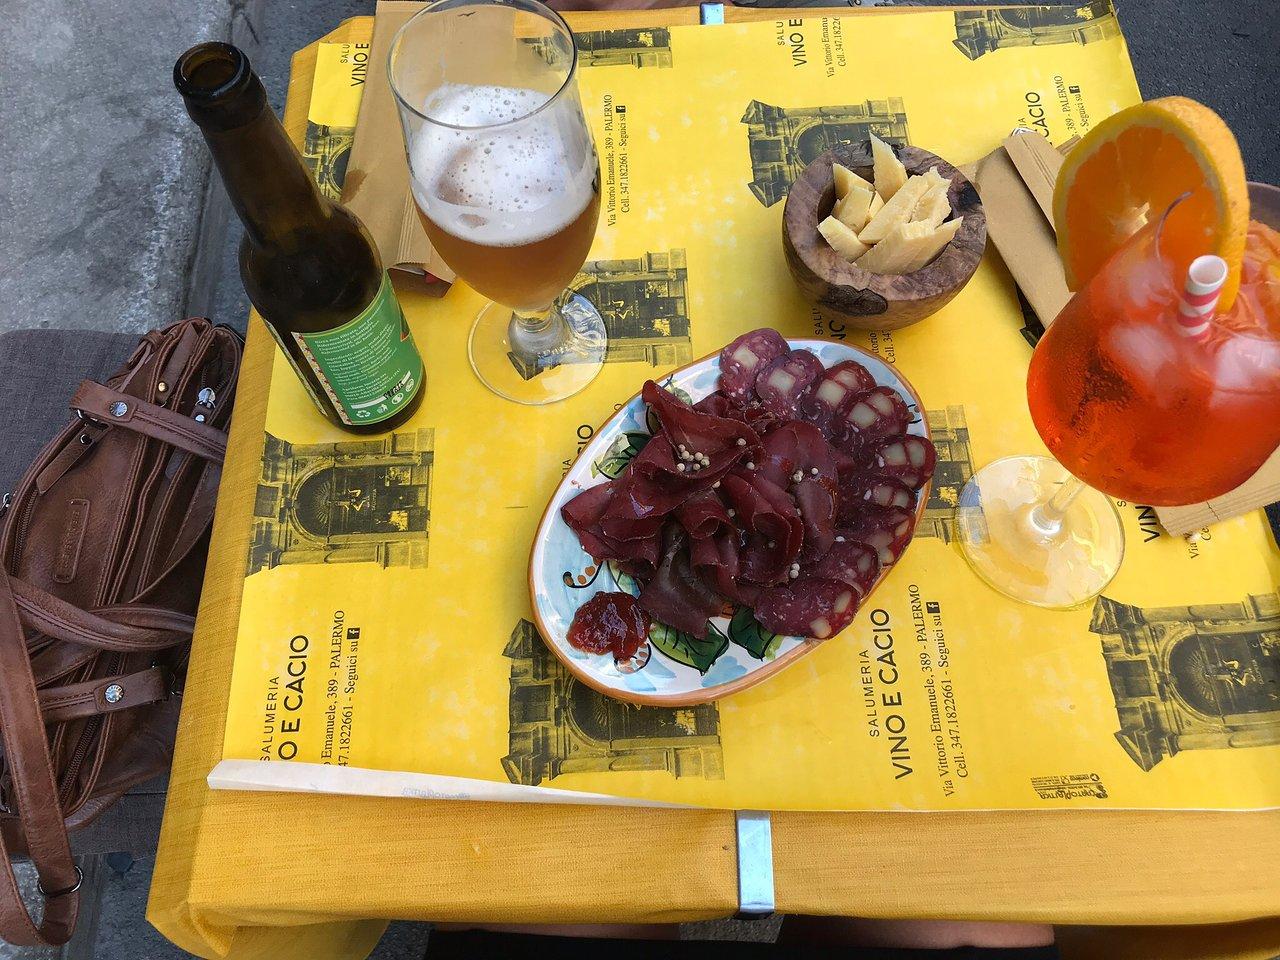 Salumeria Vino E Cacio, Palermo